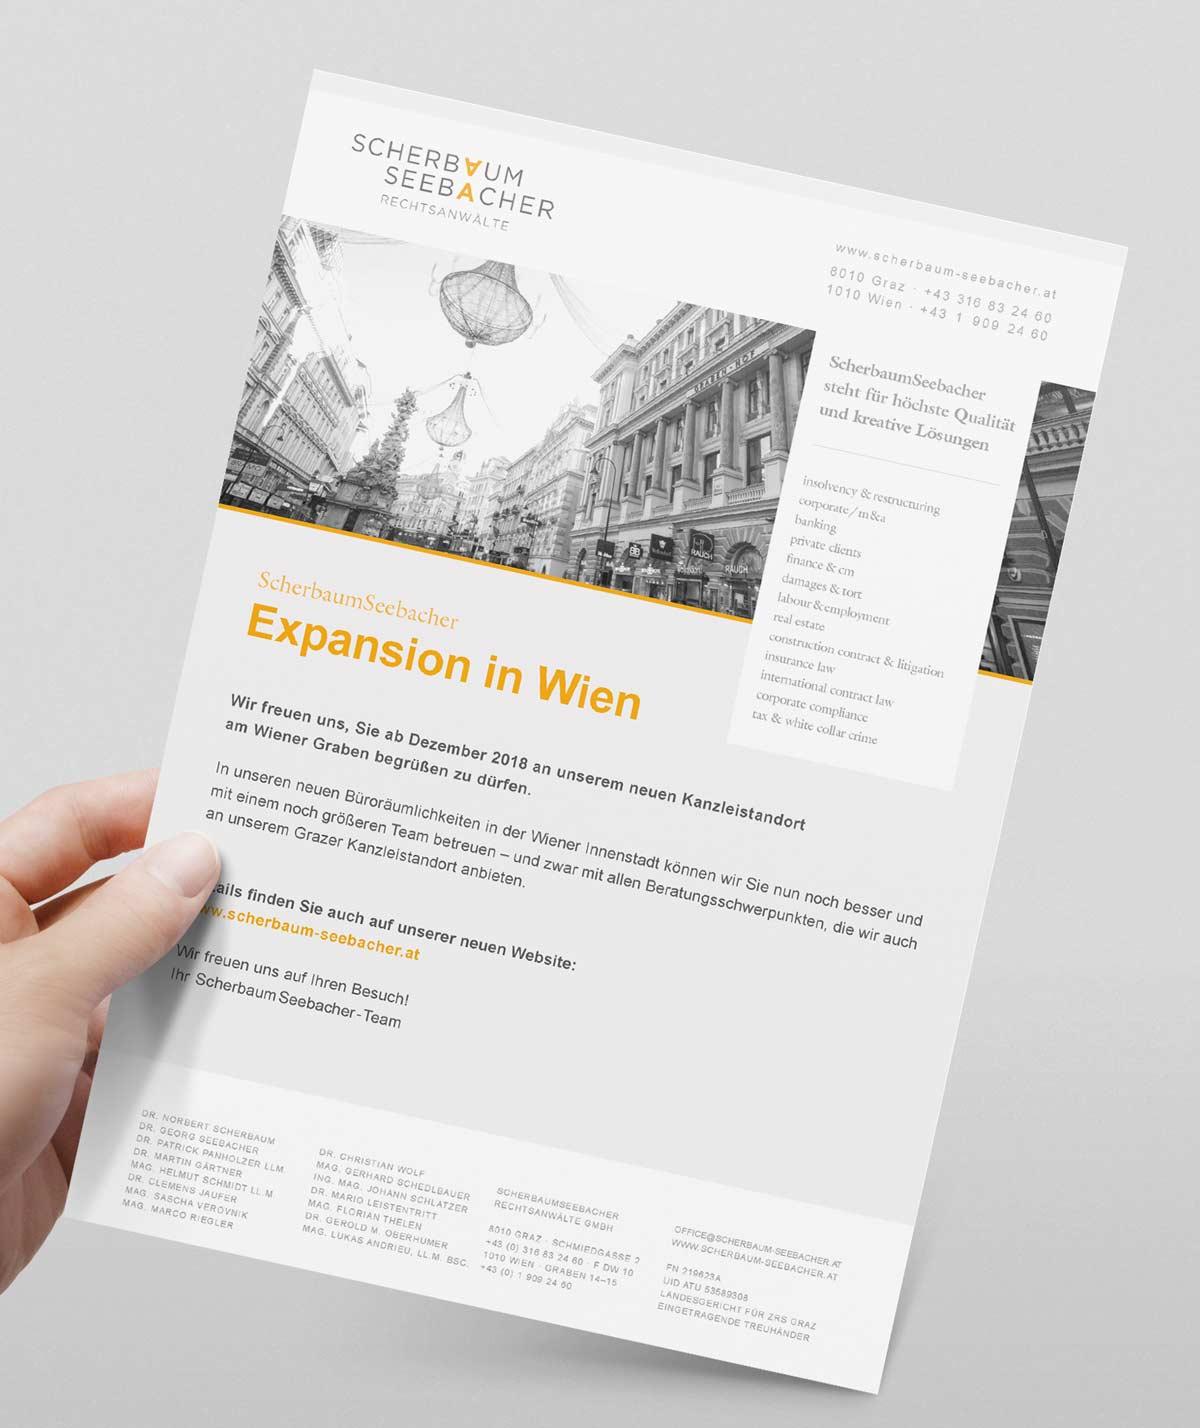 True-Creative-Agency-Grafikdesign-ScherbaumSeebacher